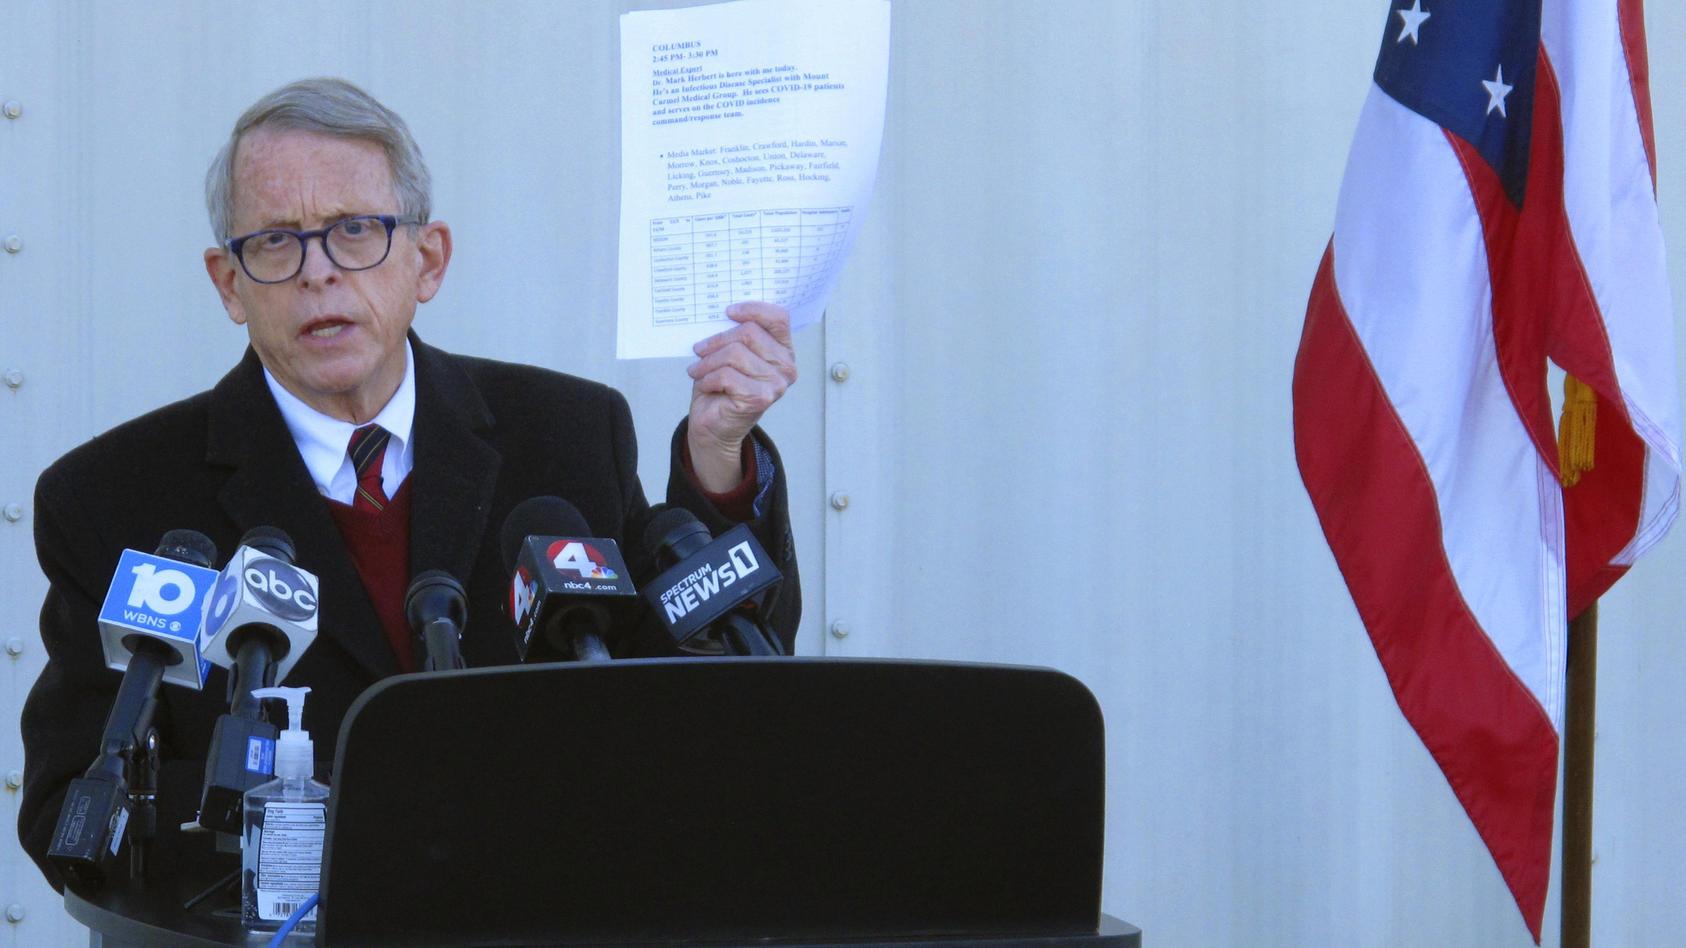 Governor Mike DeWine bei einer Veranstaltung im November 2020.  Die Impf-Lotterie verkündete er über Twitter.